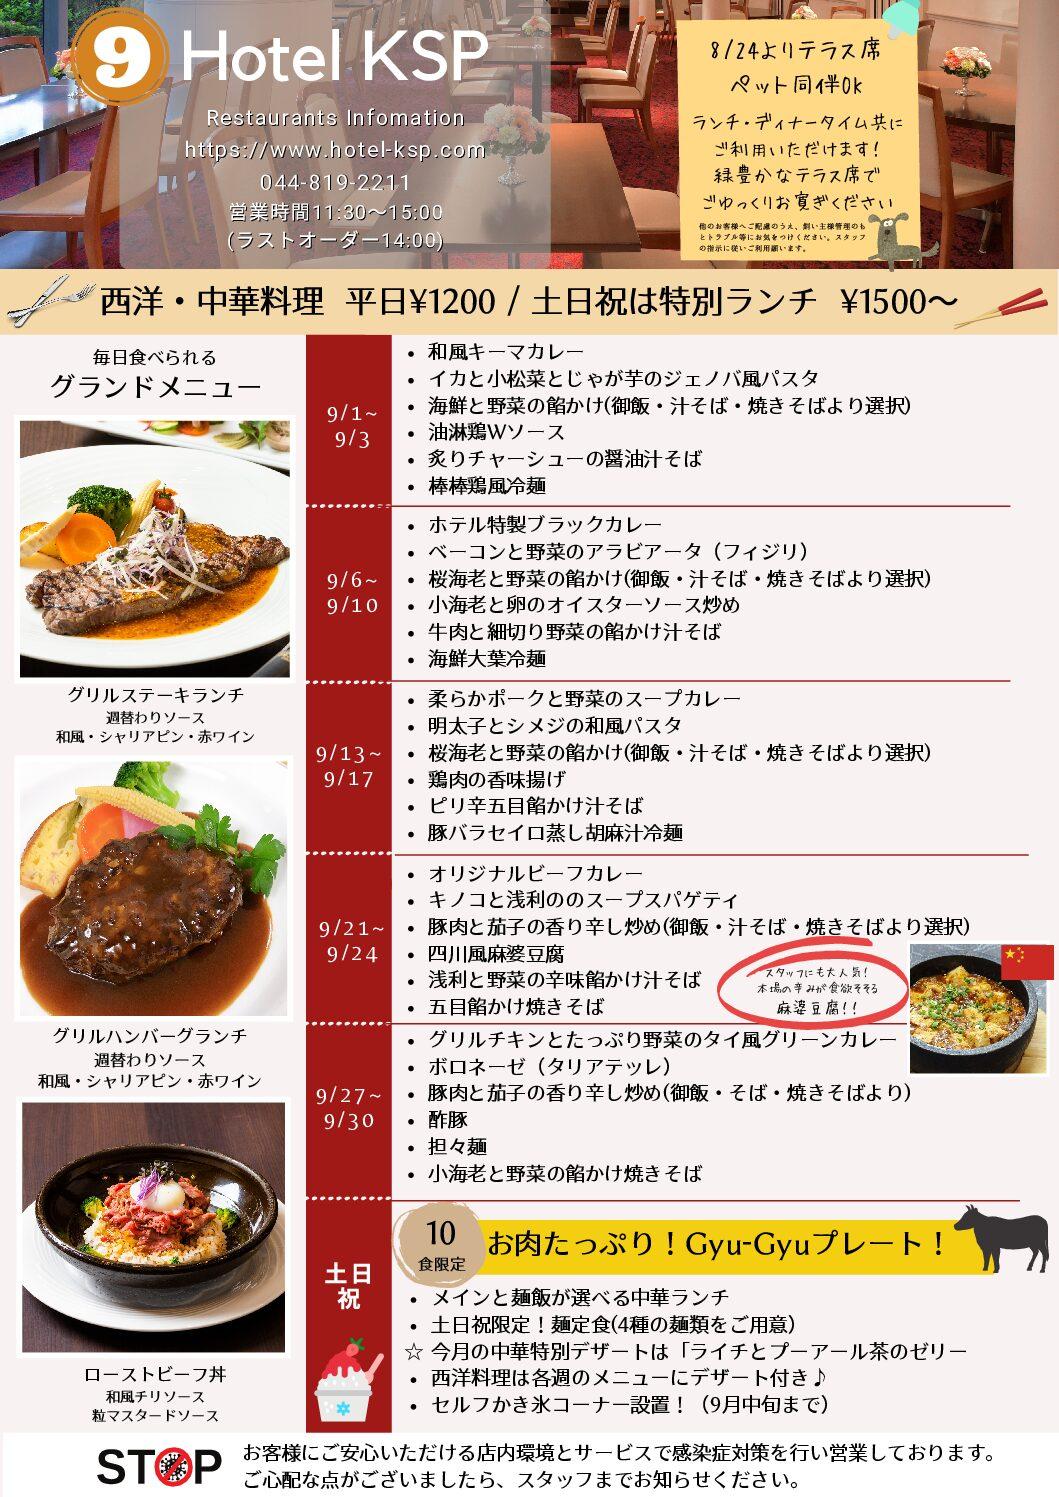 9月のレストランインフォメーション